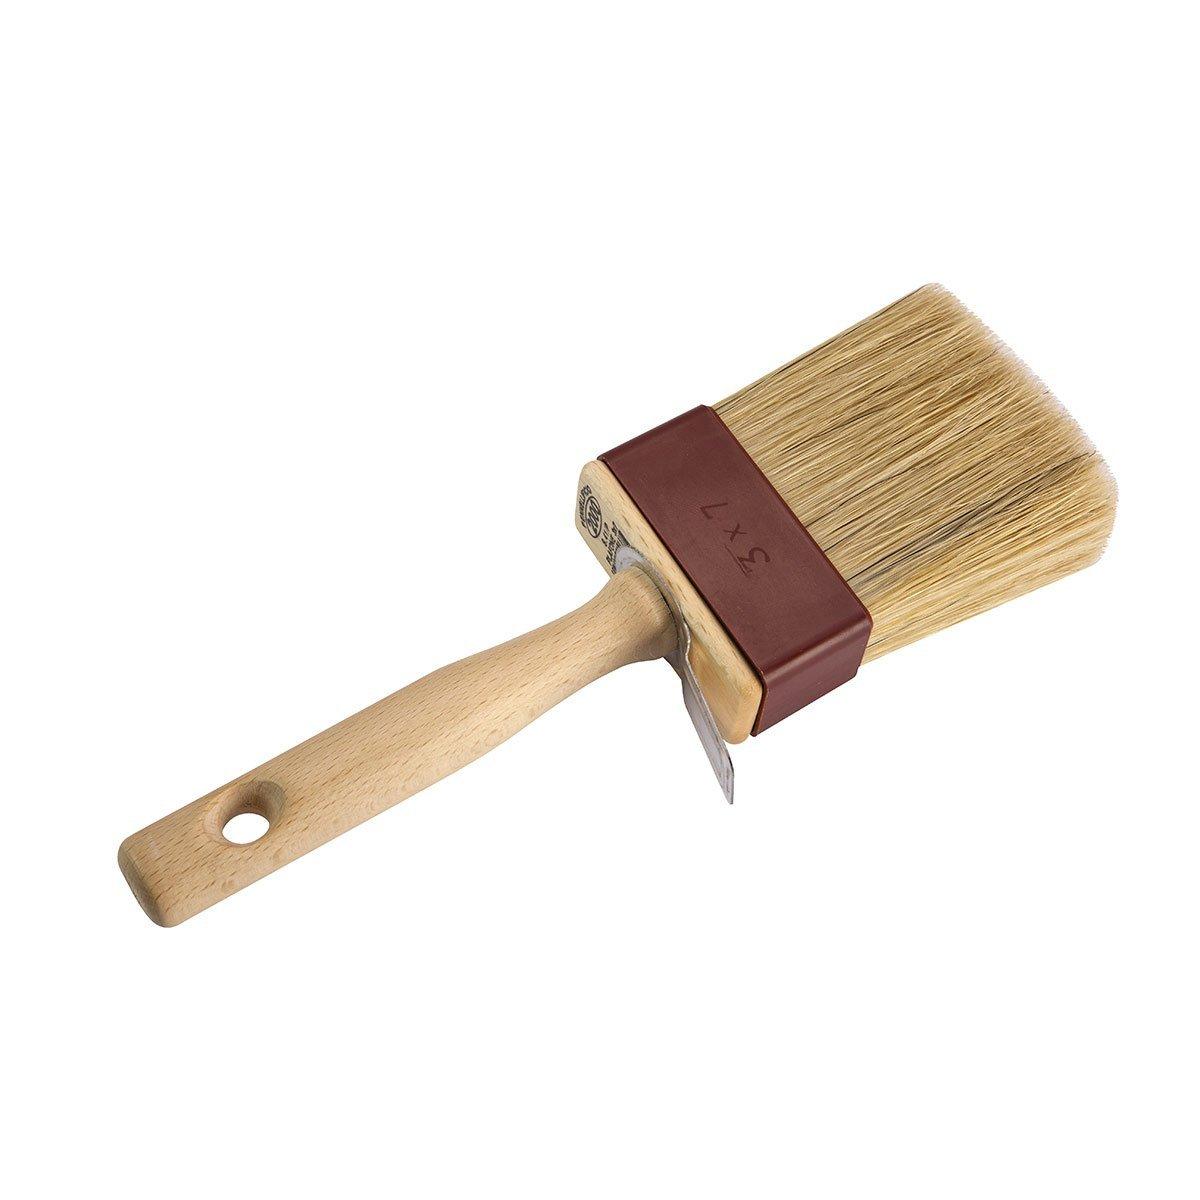 Plafoncini base legno ghiera in plastica e manico legno